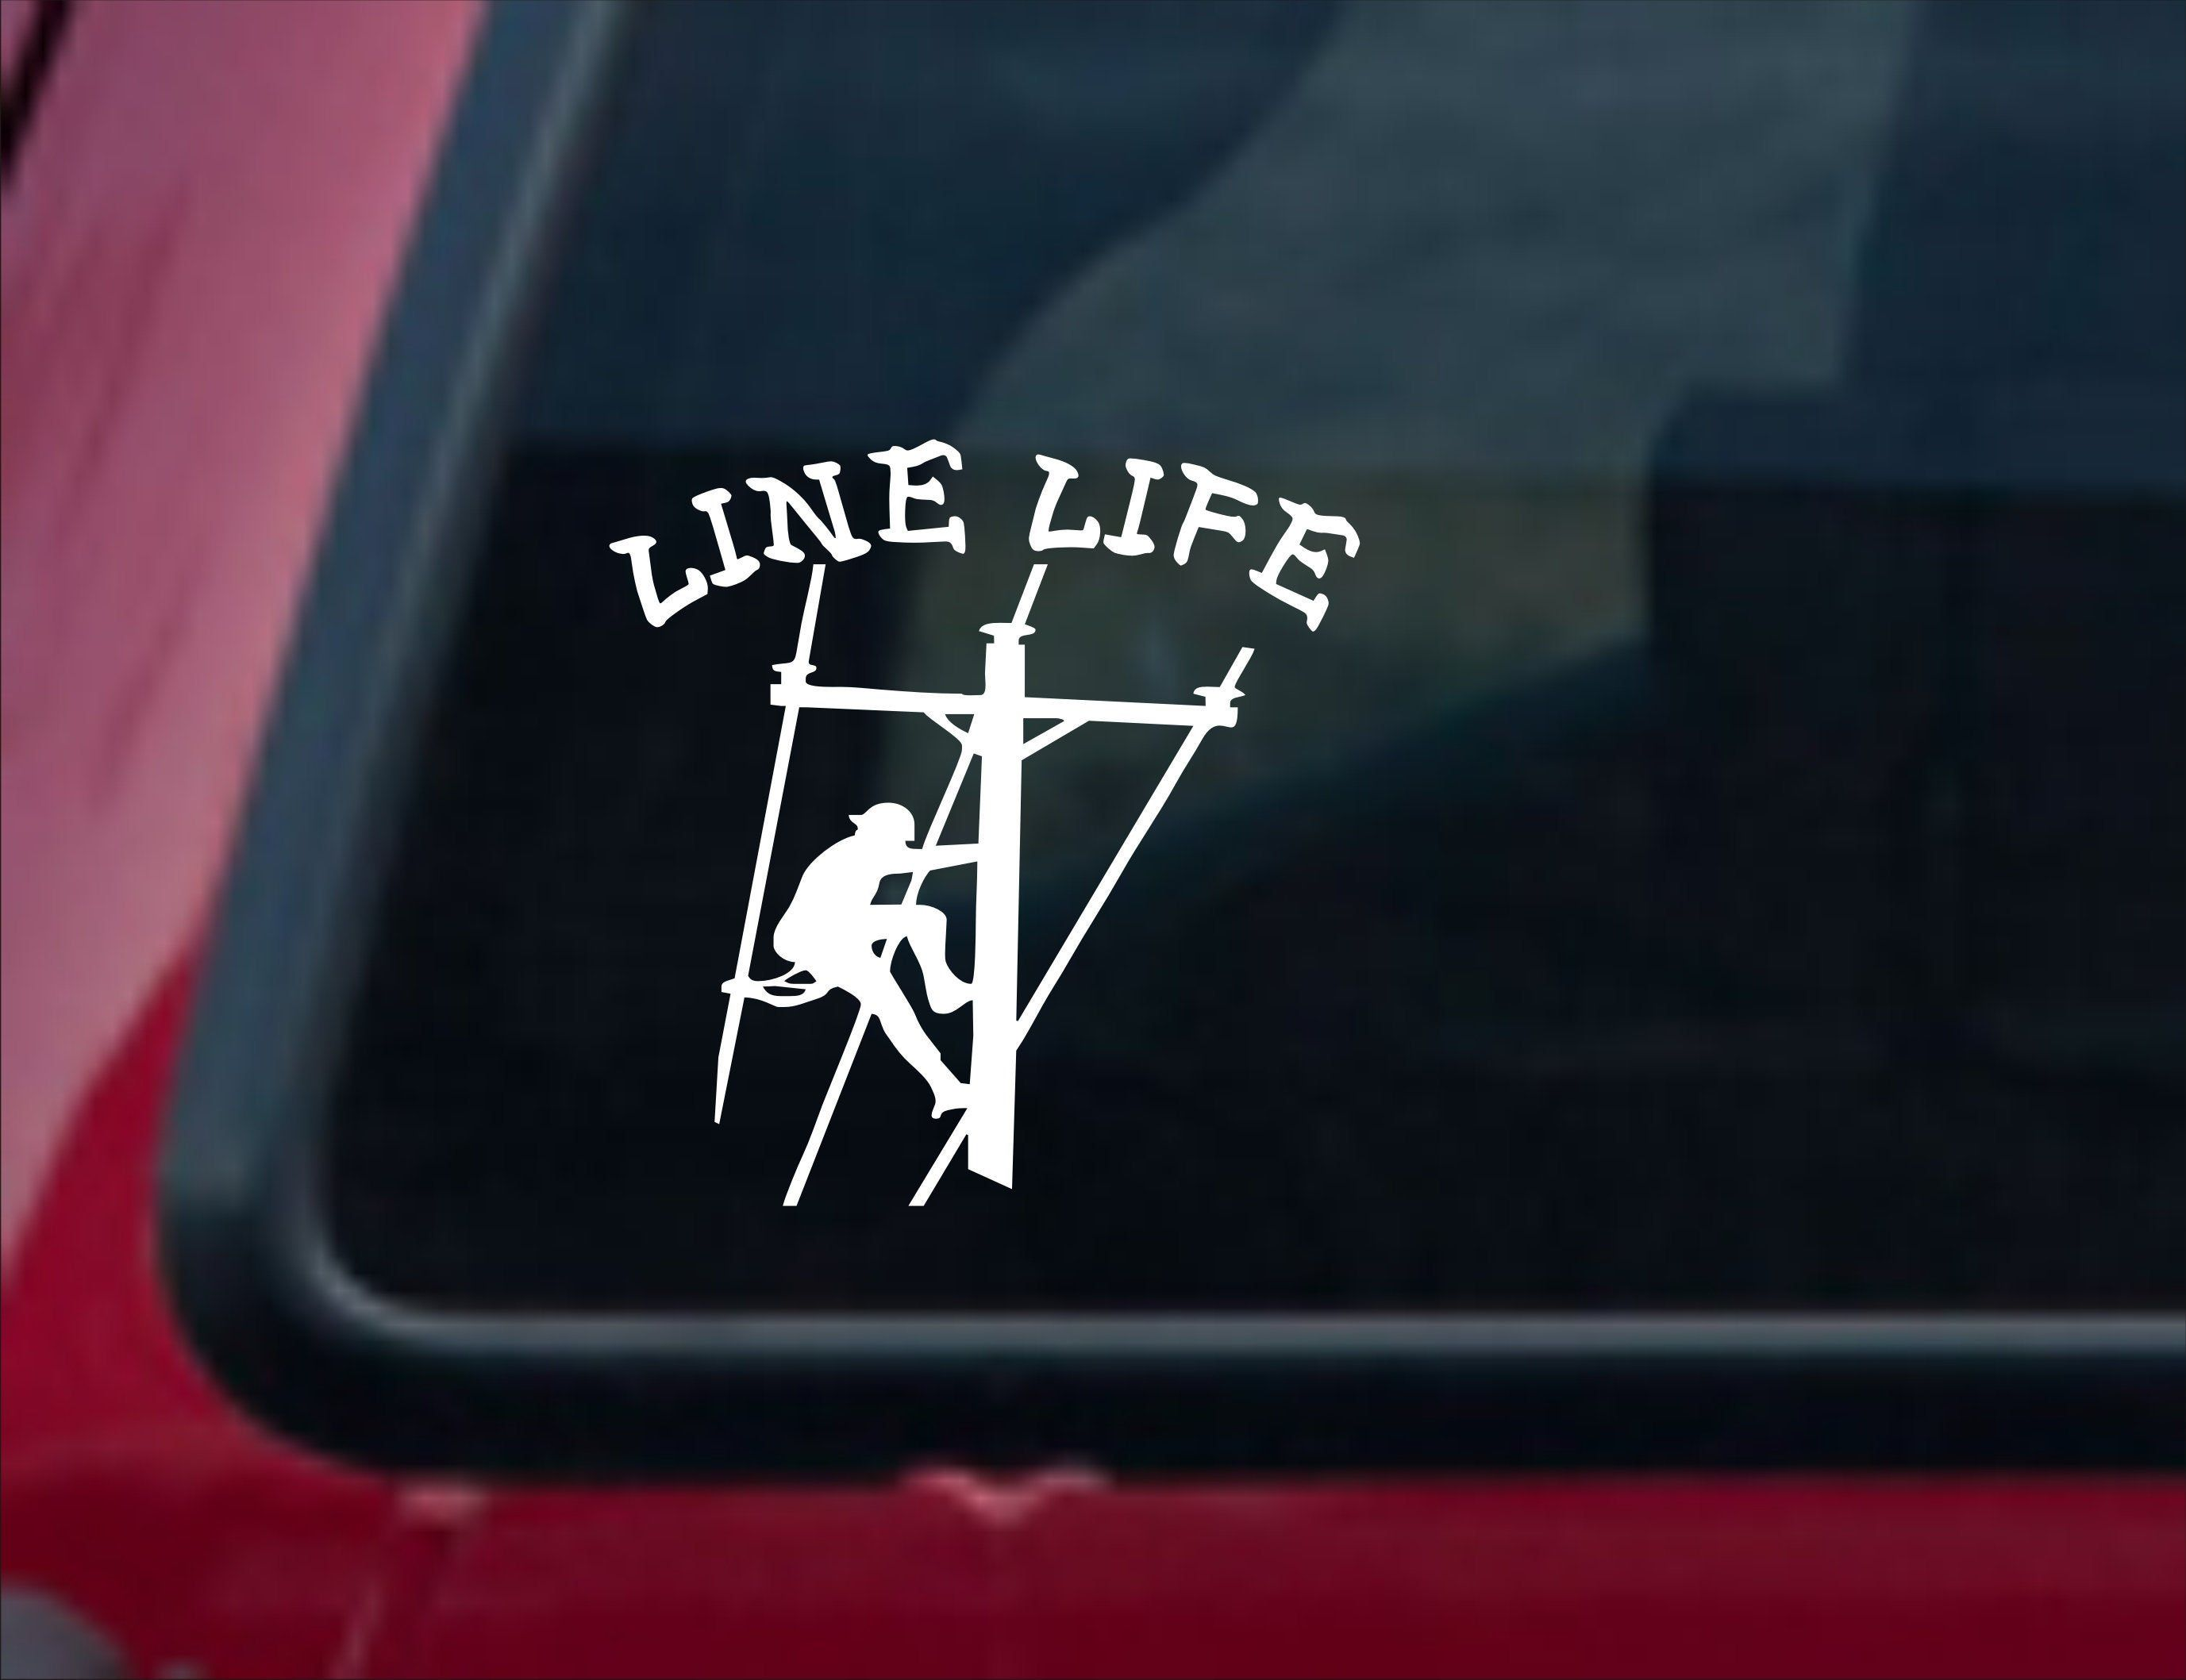 Line Life Lineman Vinyl Decal Line Life Vinyl Sticker Line Etsy Vinyl Decals Lineman Truck Stickers [ 2117 x 2754 Pixel ]